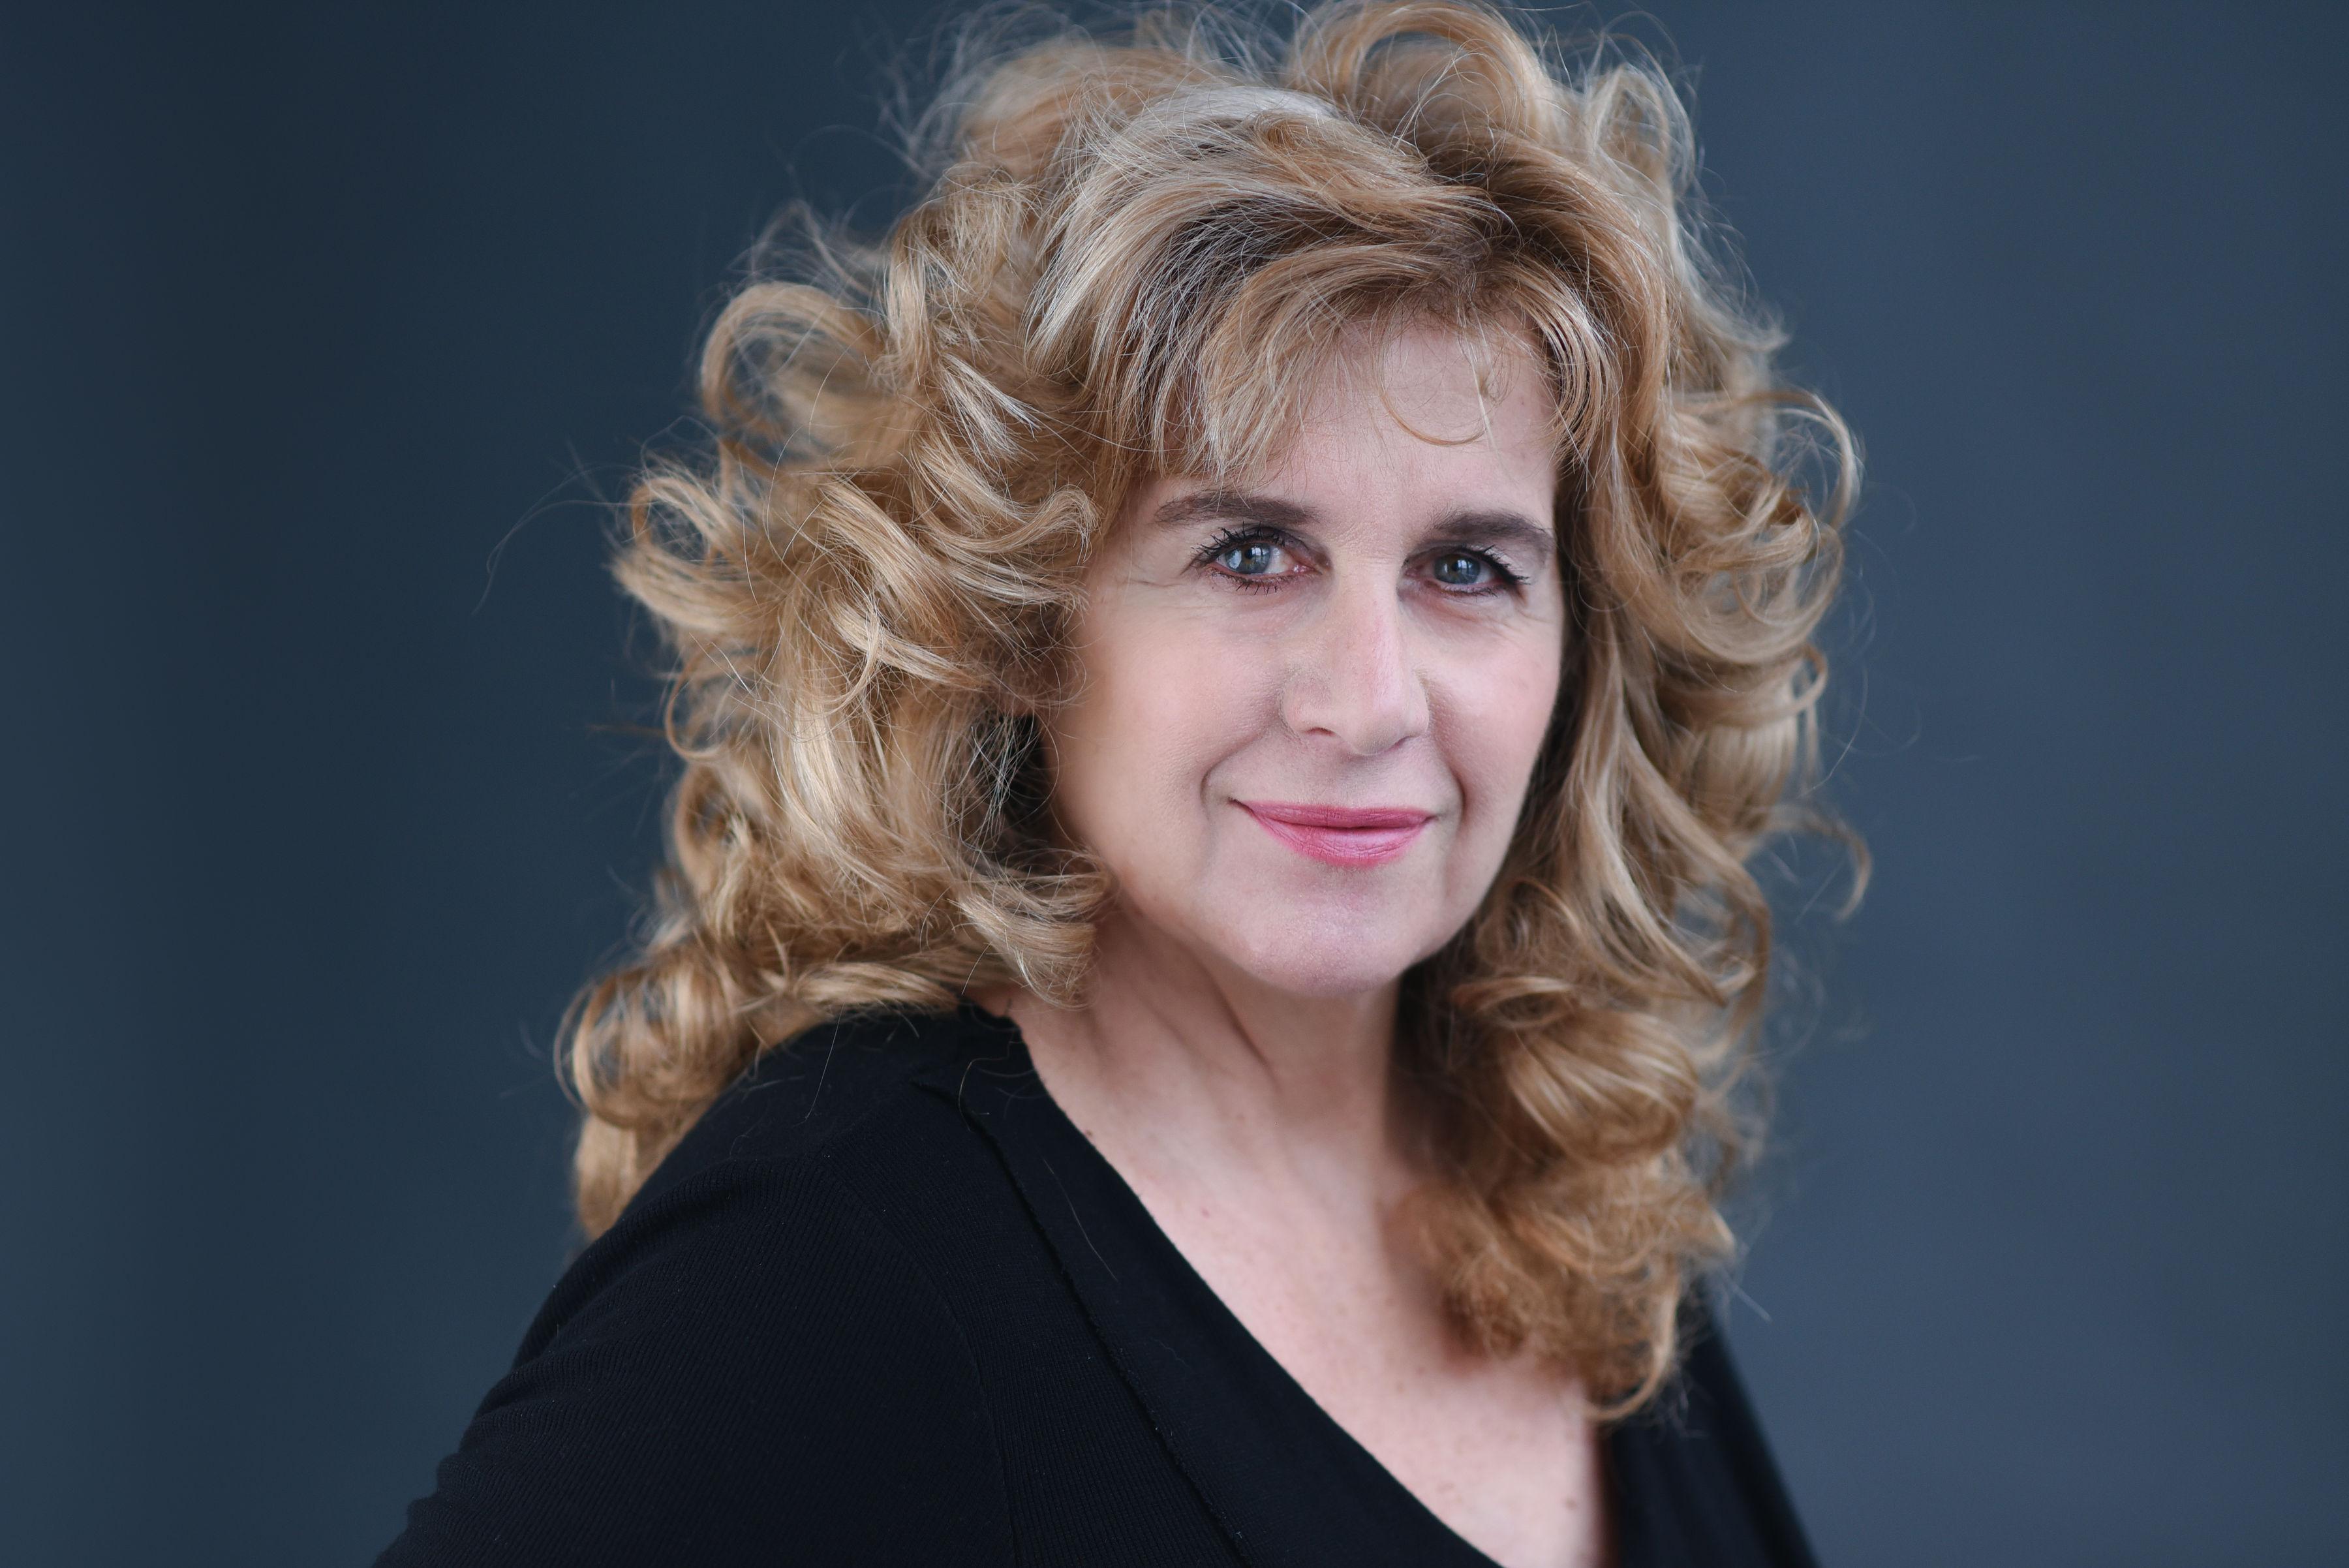 headshot of Linda Yalen